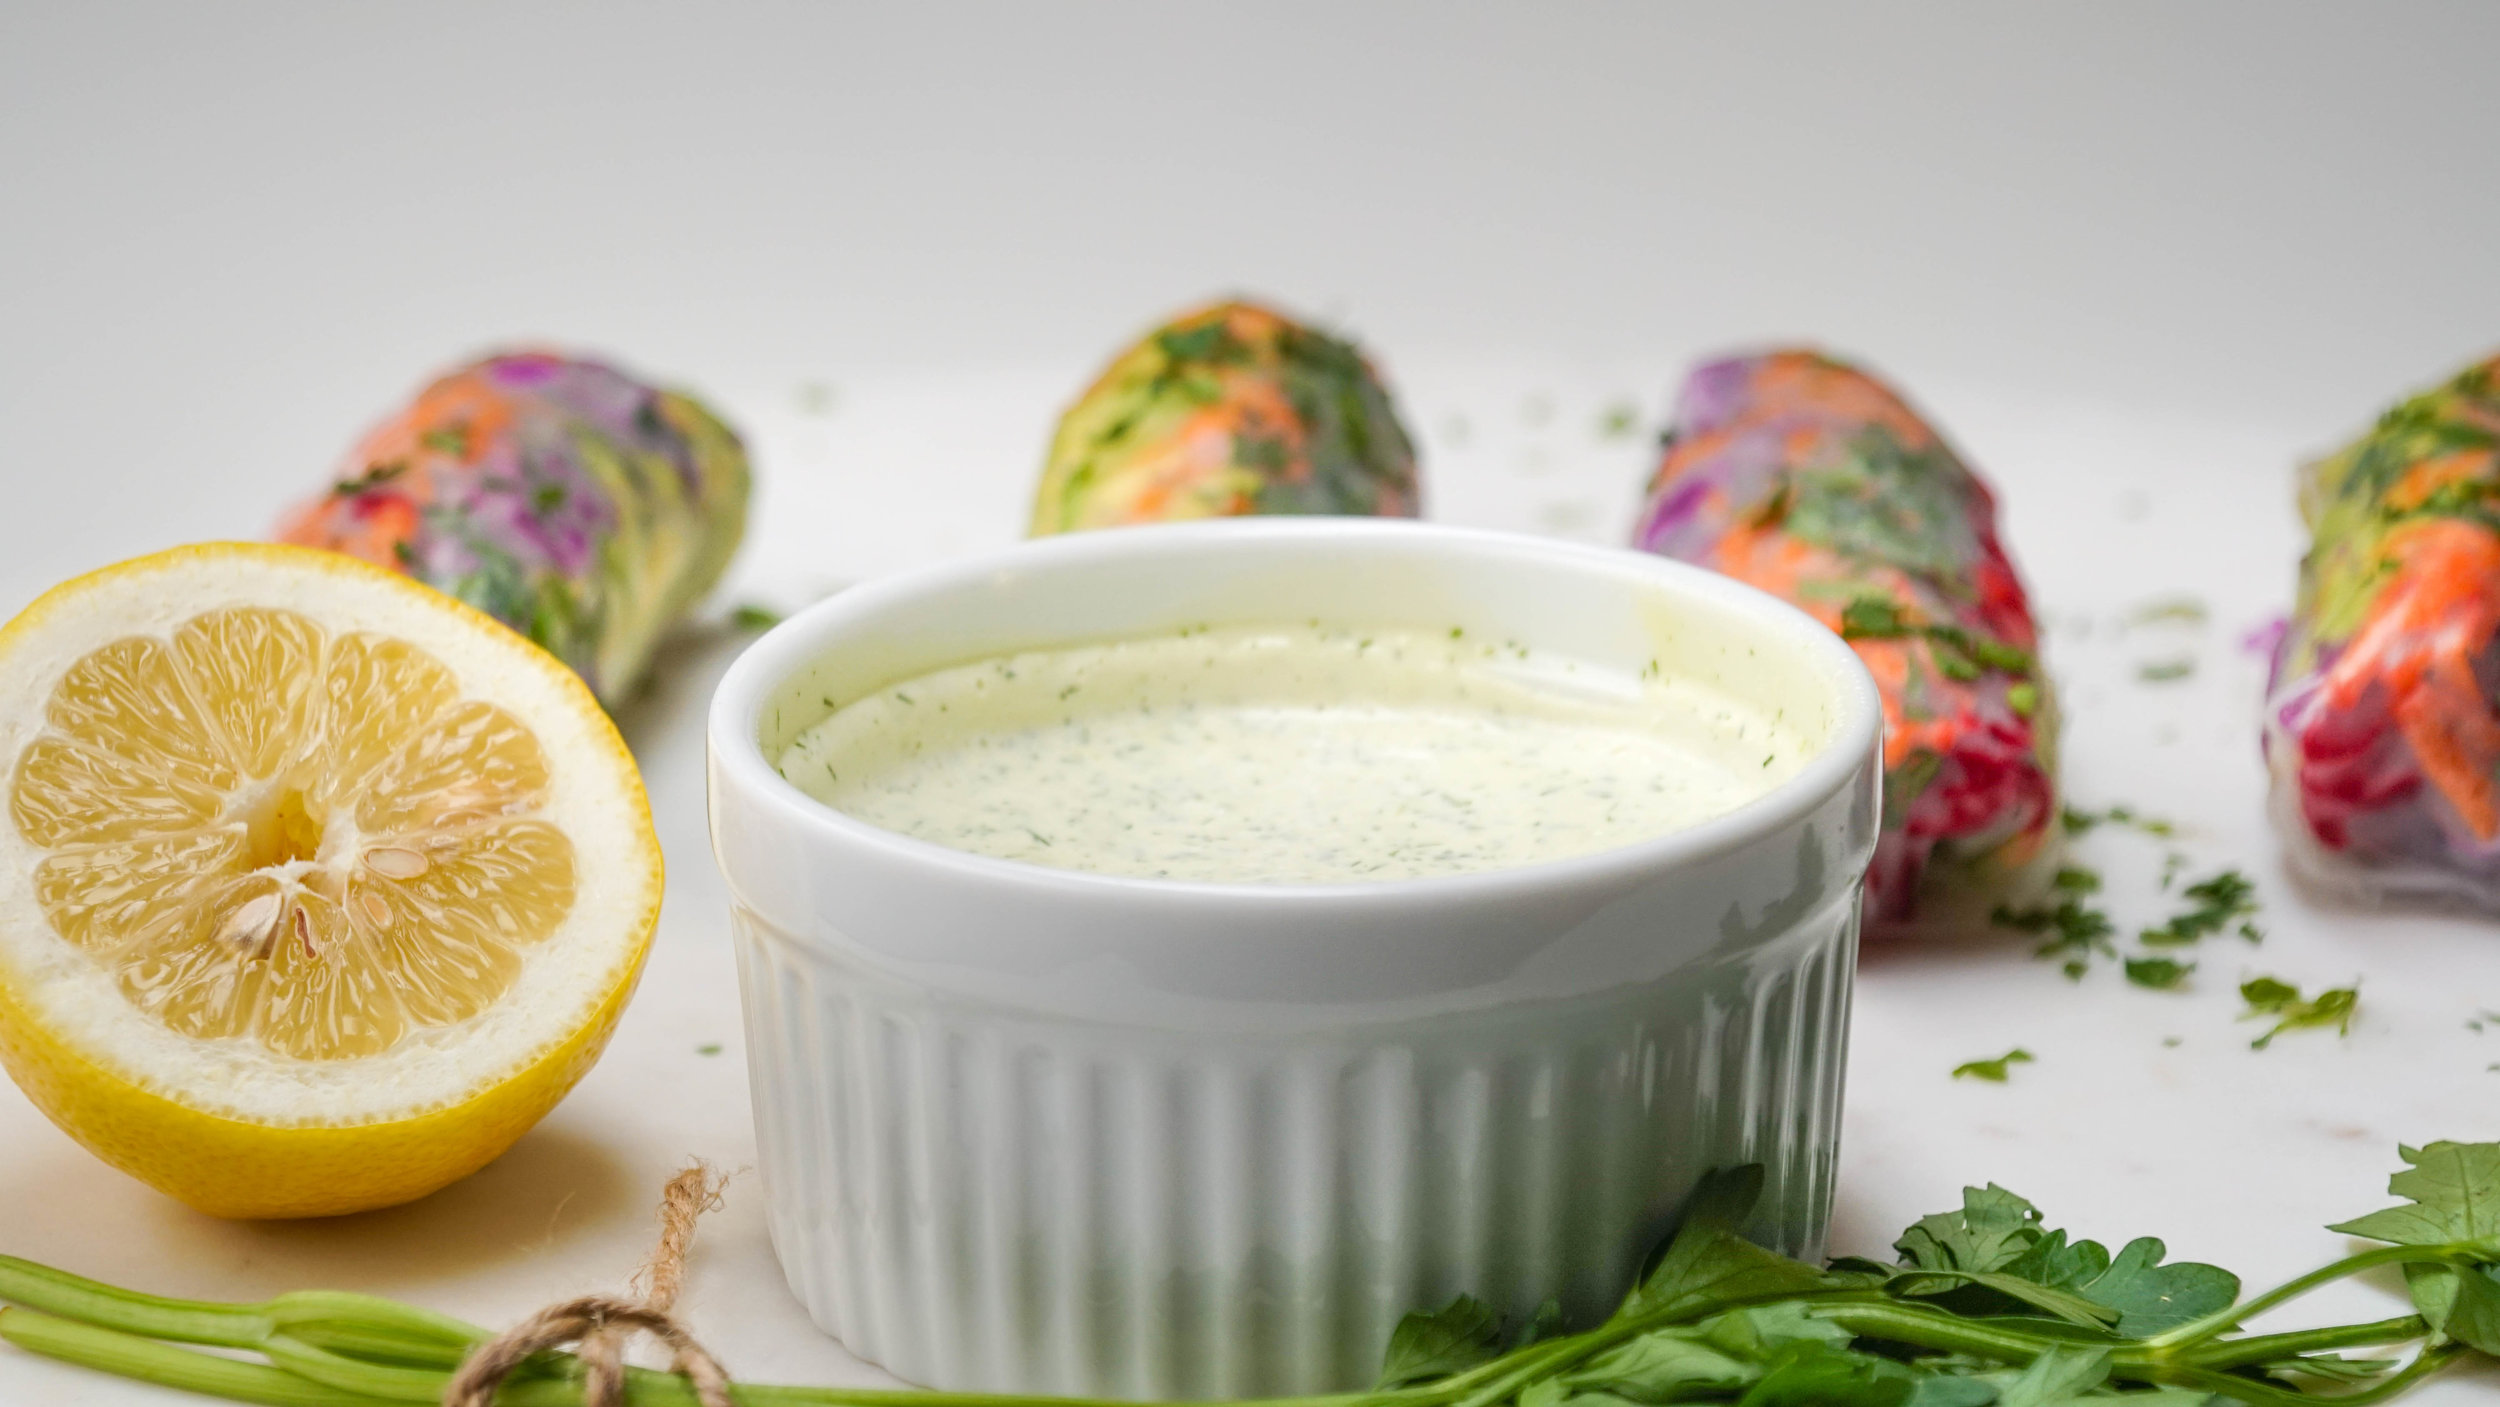 saladmenu dairy free dipping sauce